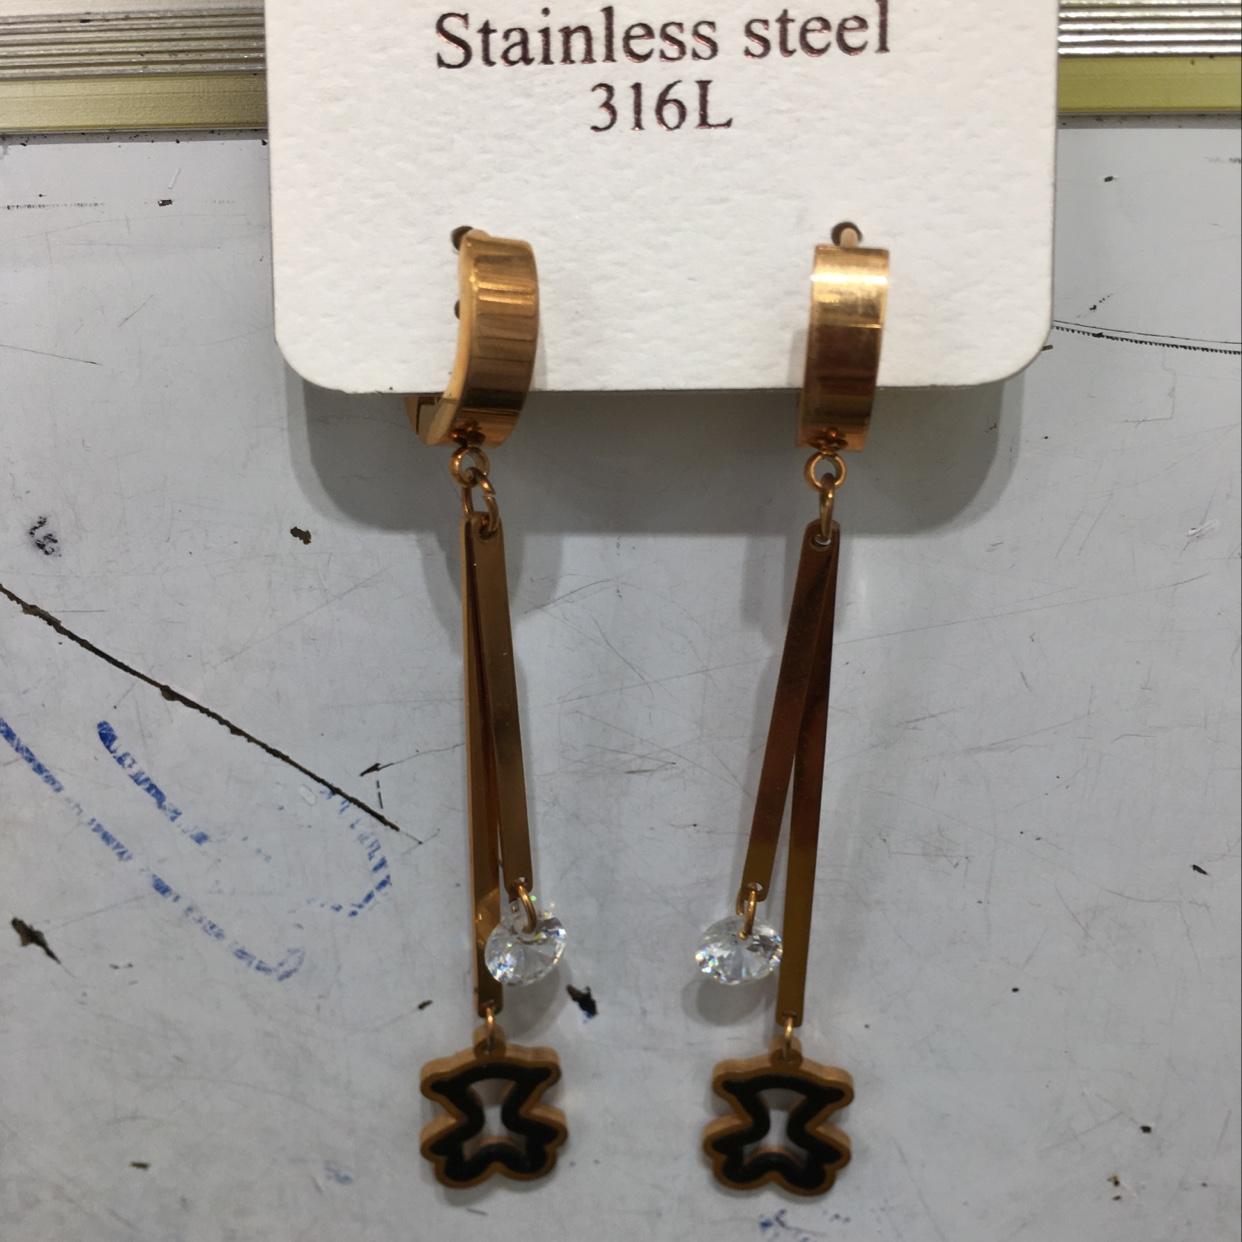 锆石不锈钢太钢316耳环耳钉源头厂家直供批发快手直播抖音首选。